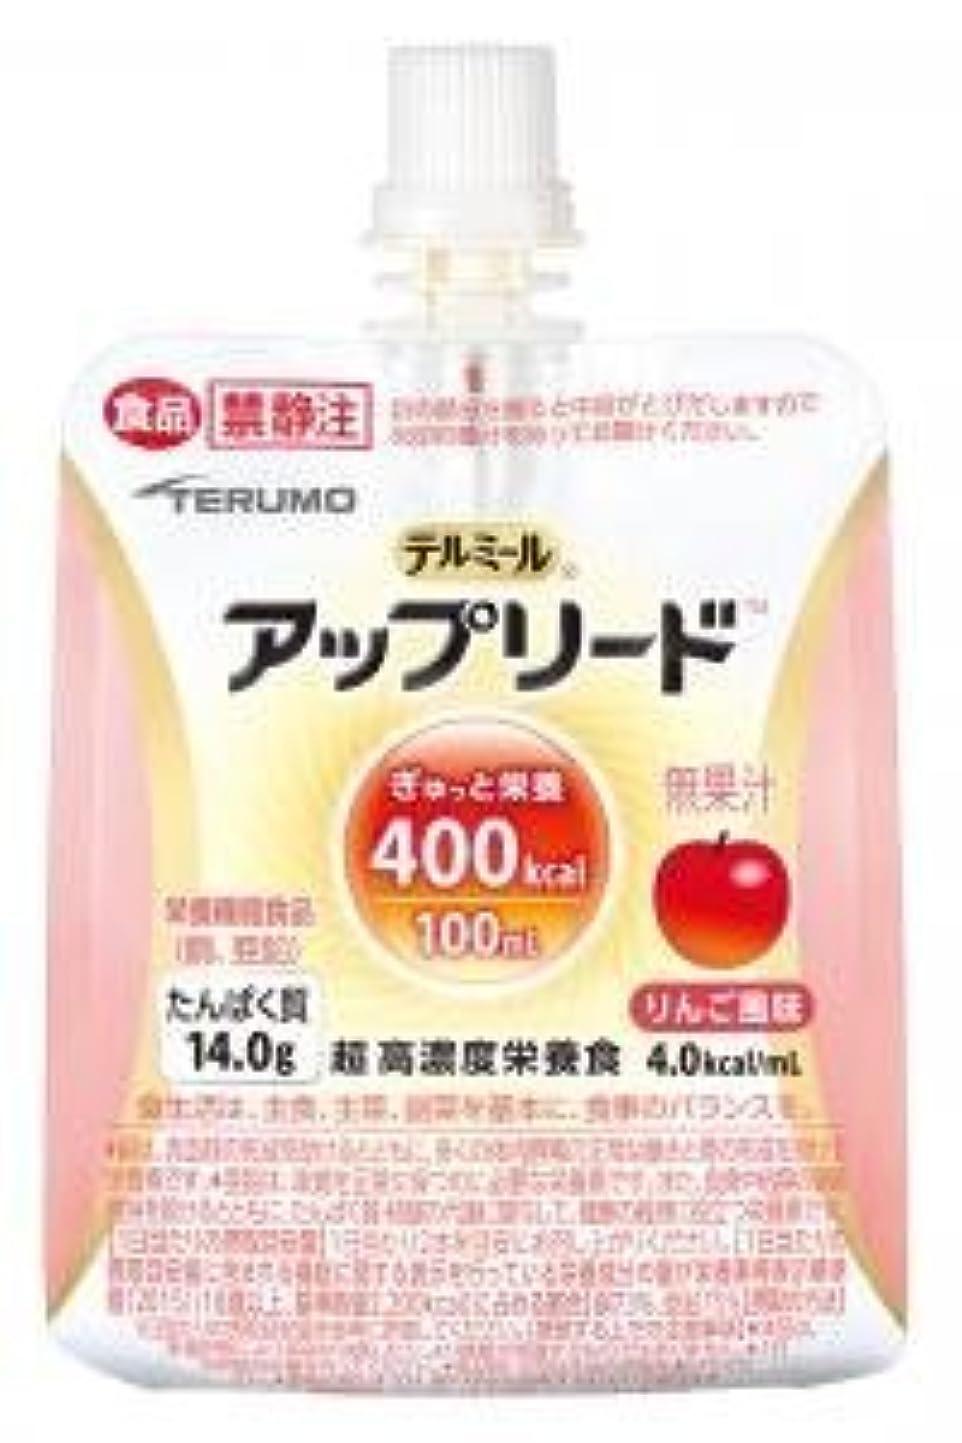 唇しかしながら胸テルモ 超高濃度栄養食 アップリード アップル風味  100ml×18個 (4.0kcal/ml)【ケース販売】